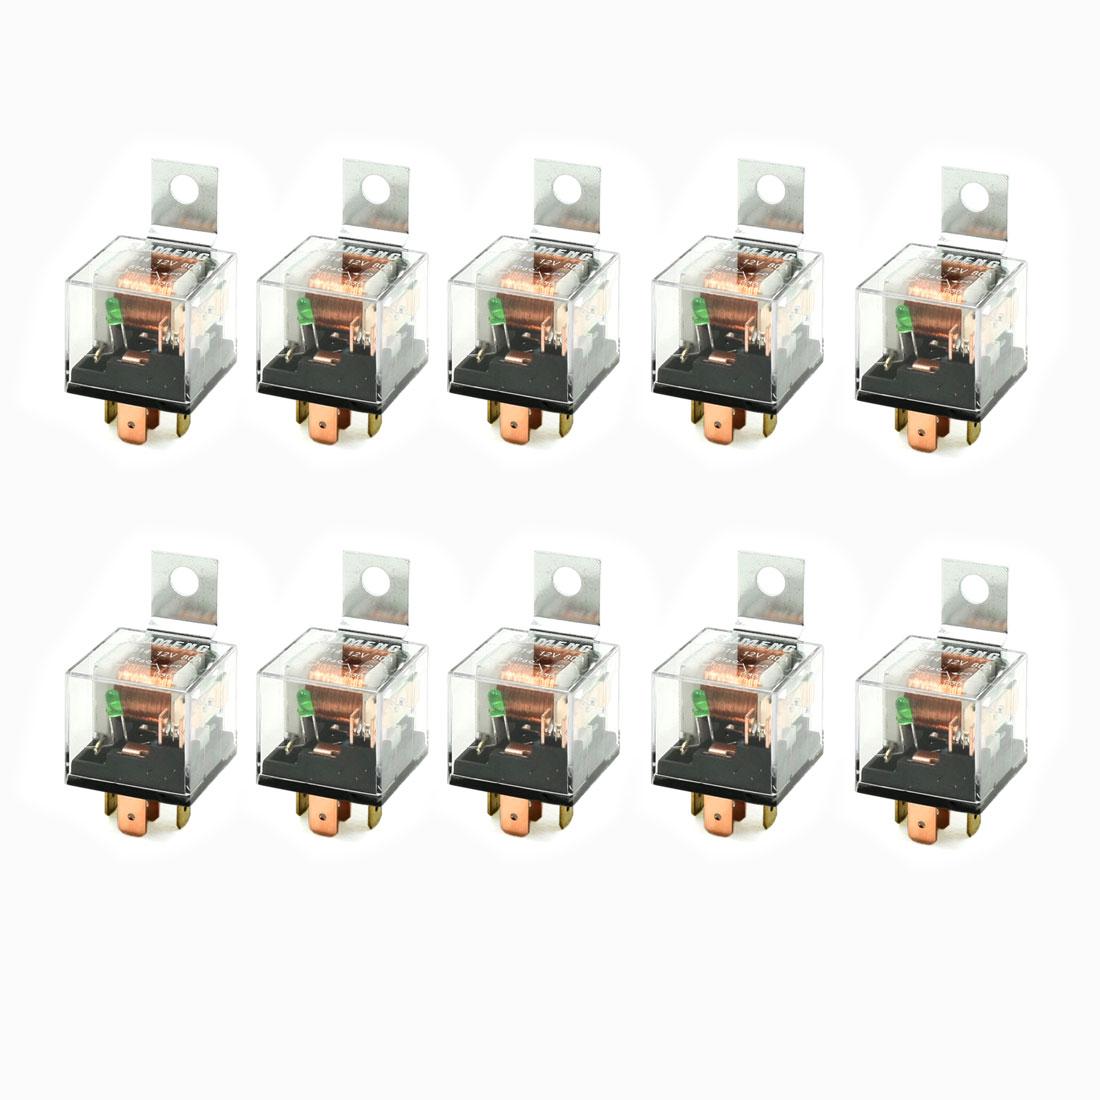 10 Pcs 1NC 1NO SPDT 5P Green Indicator Light Auto Car Relay 12VDC 80A